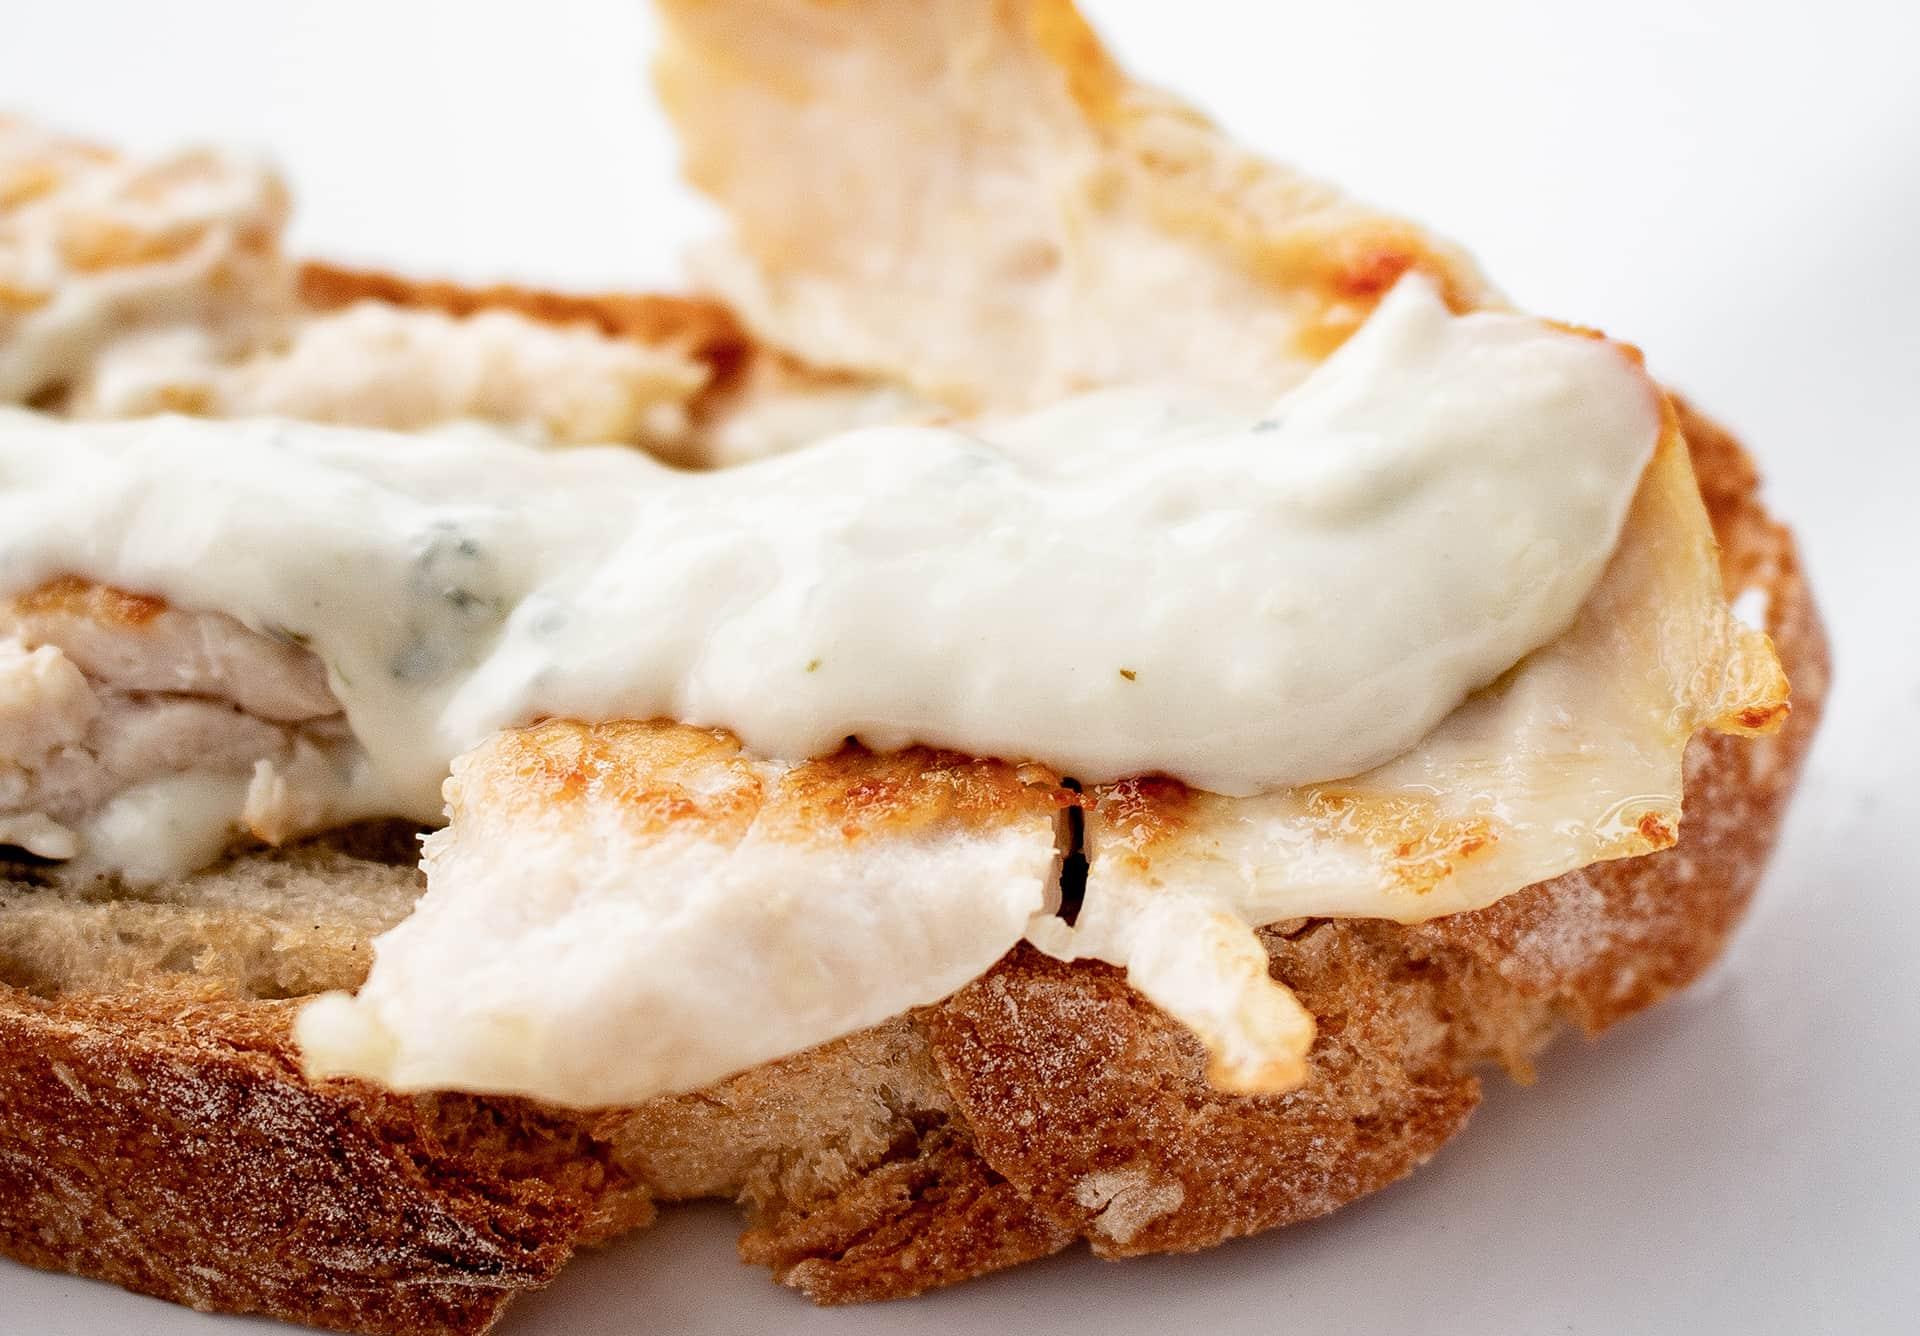 Tostada de pechuga con crema de queso Valdeón